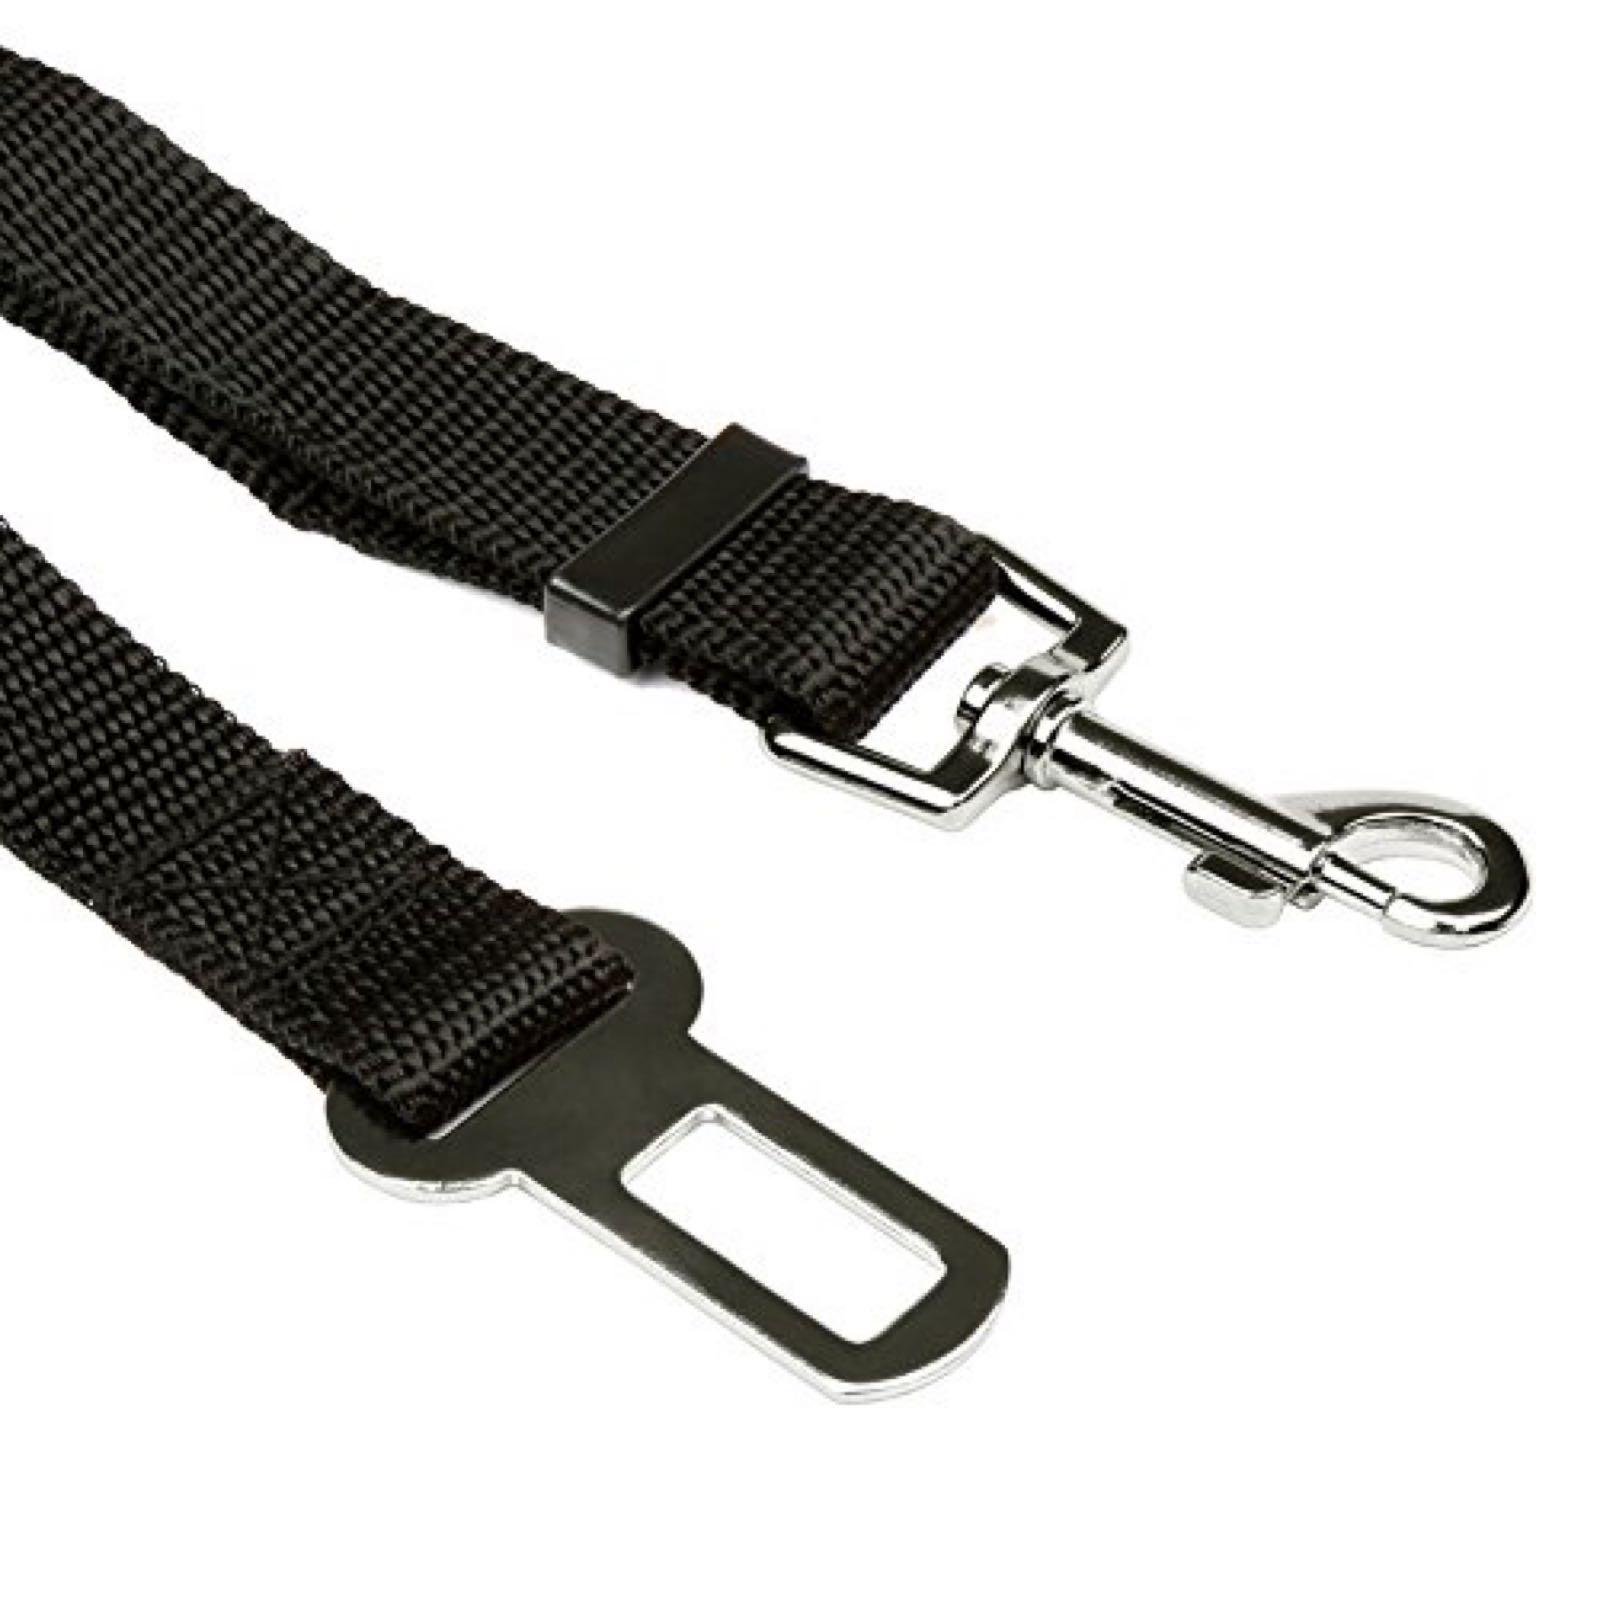 Car safety belt clip